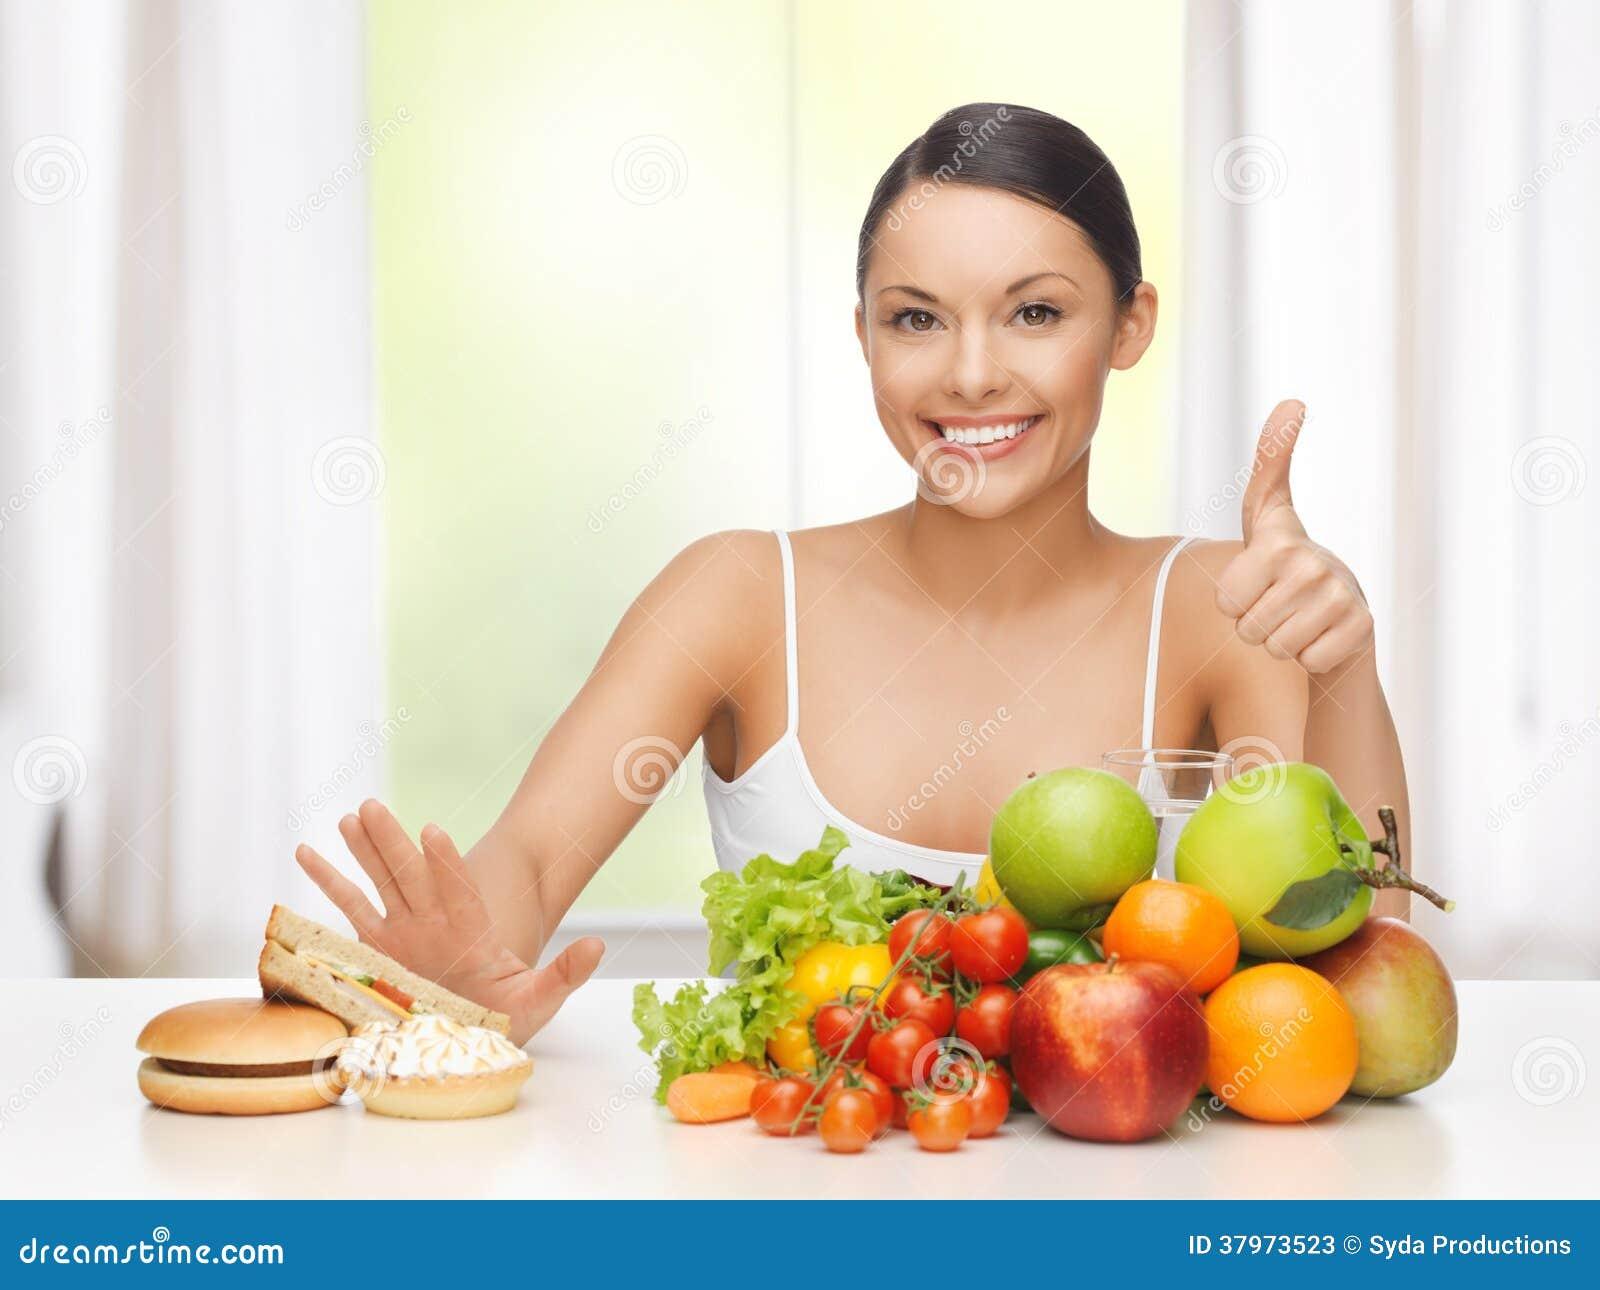 Как правильно держать диету?